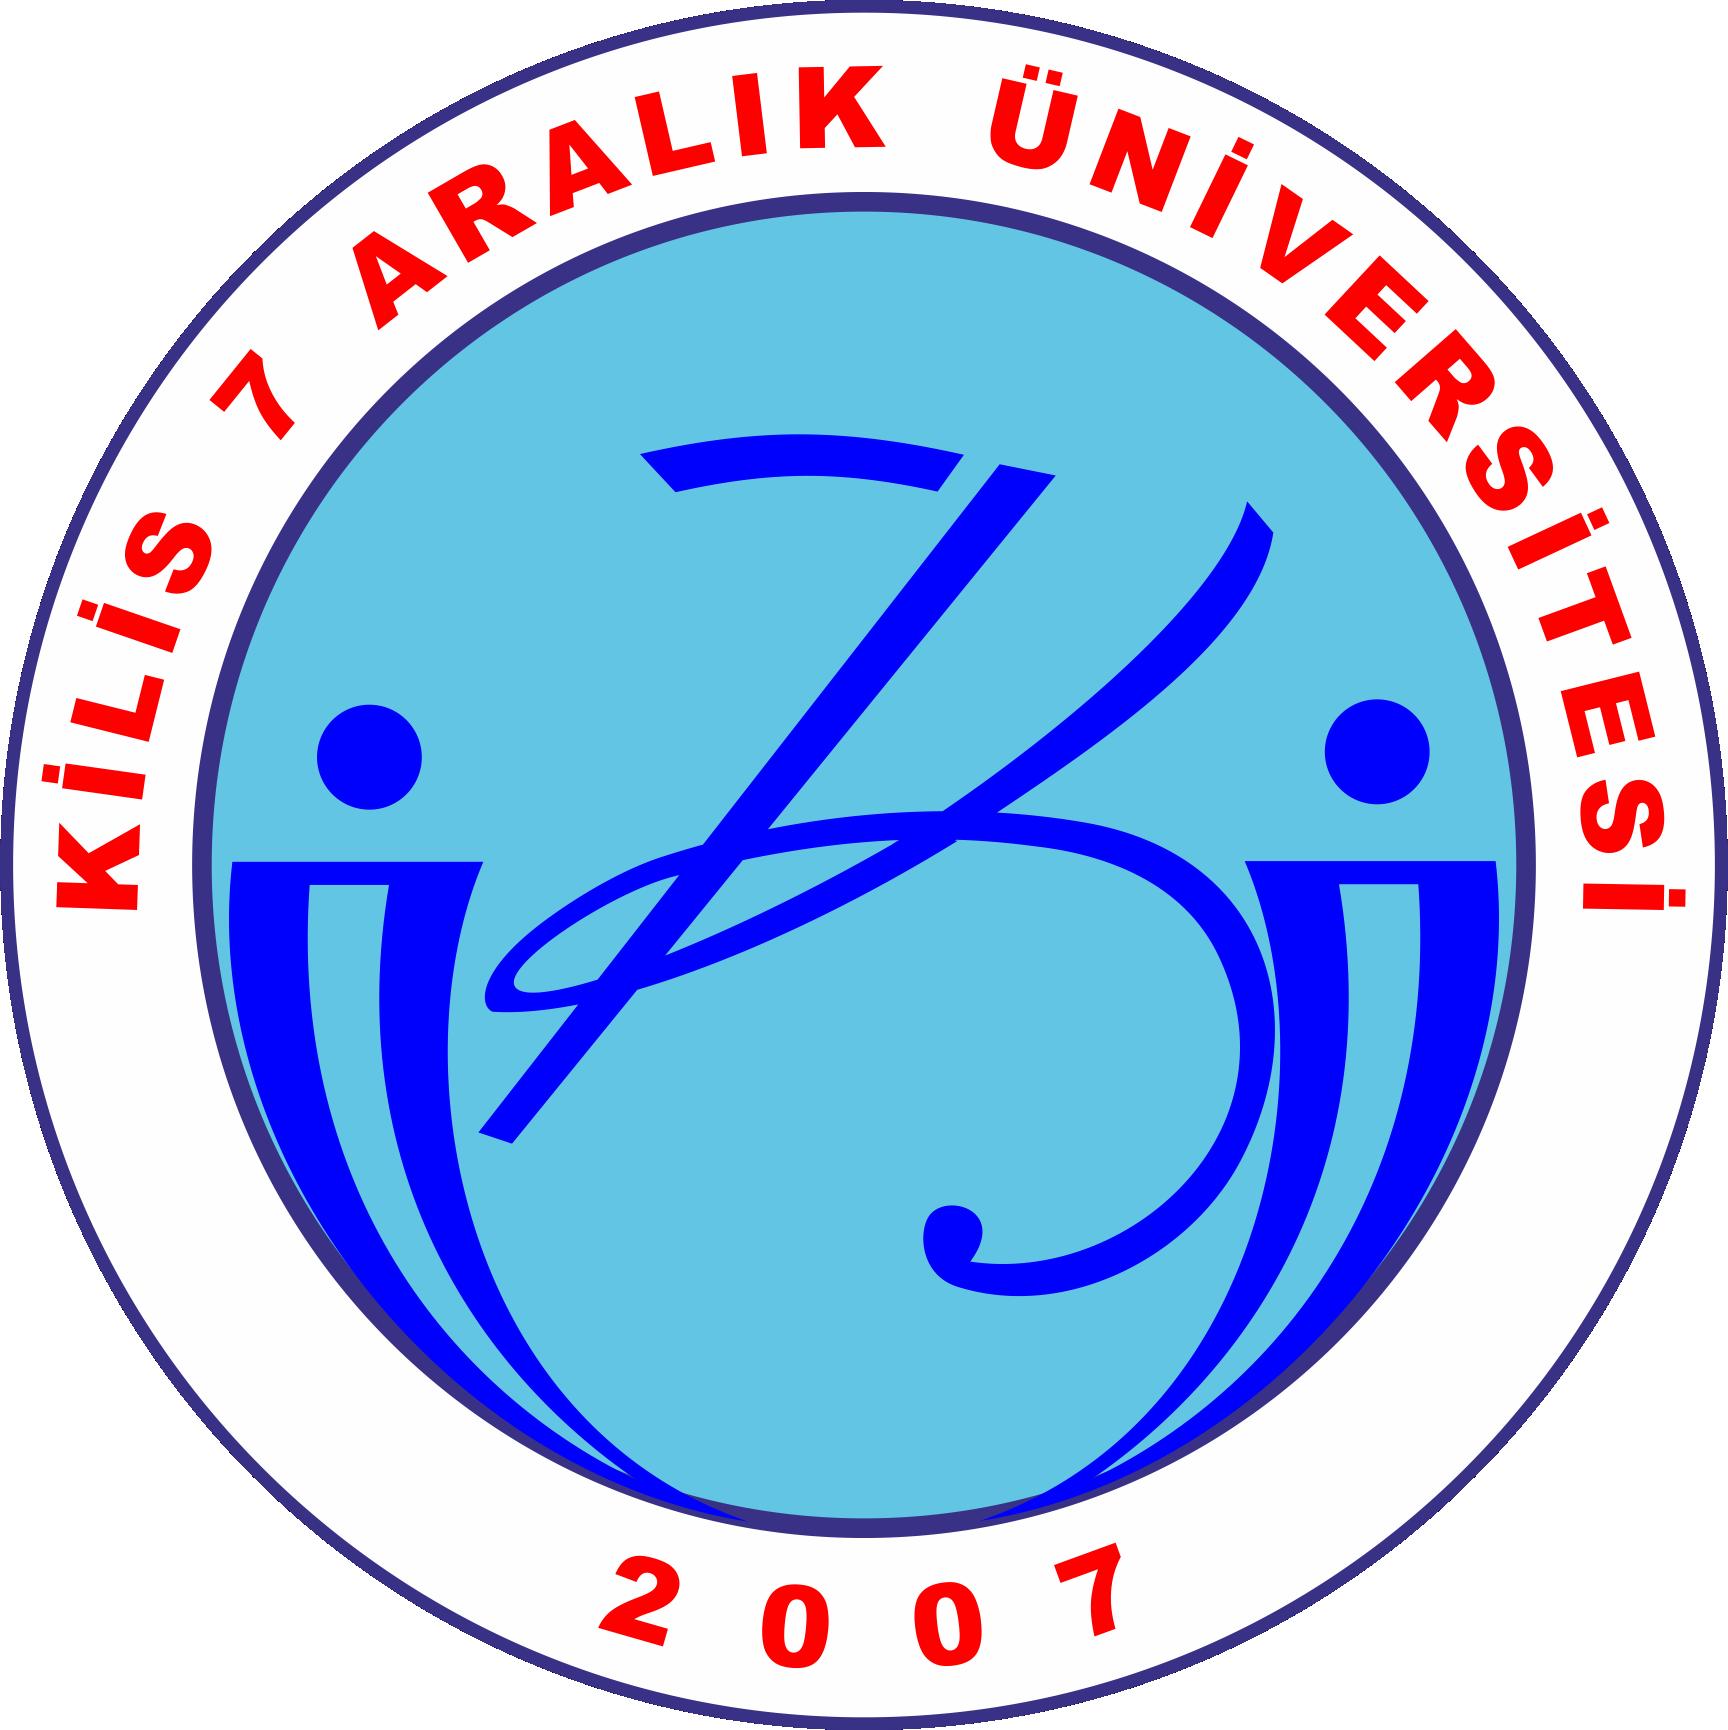 Kilis 7 Aralık Üniversitesi 5842